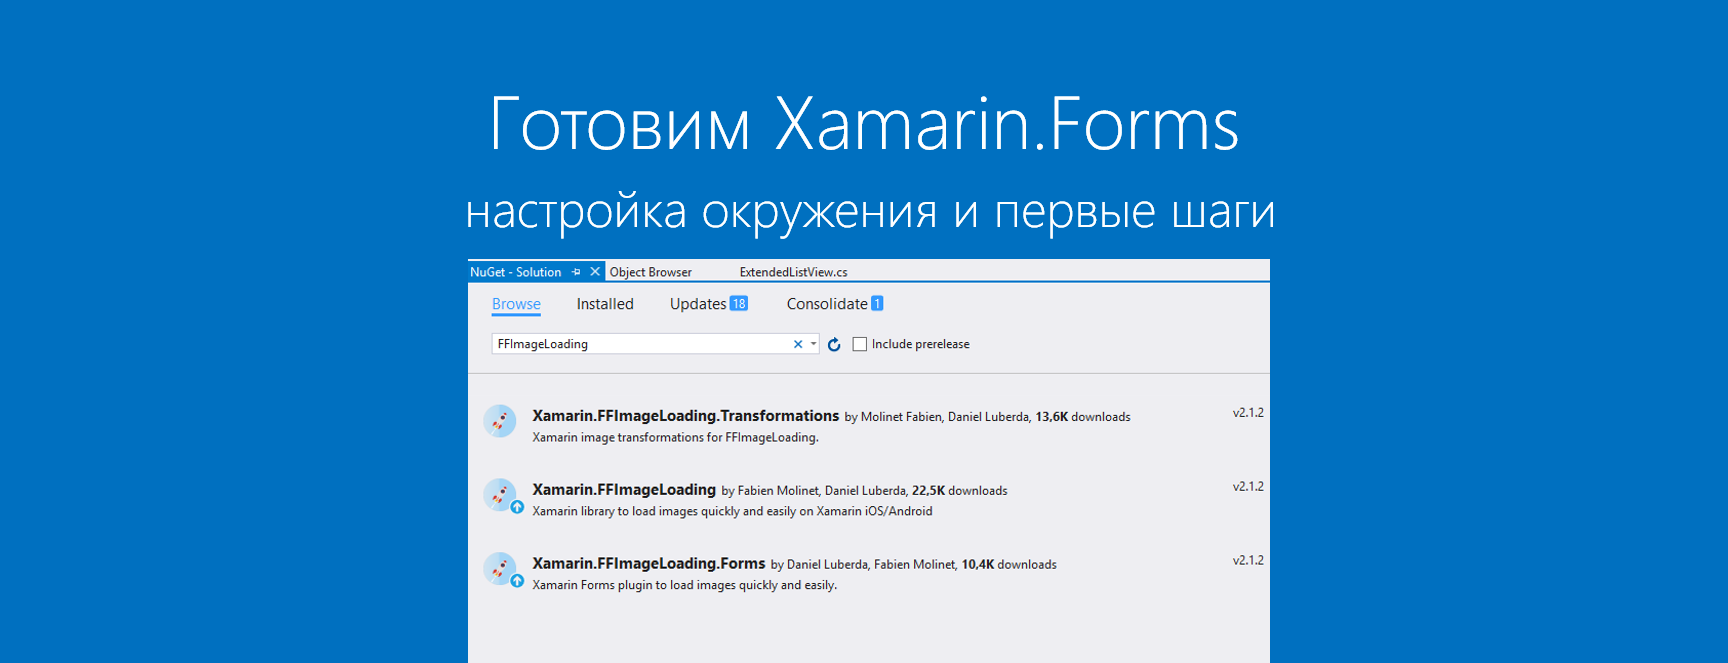 Готовим Xamarin.Forms: настройка окружения и первые шаги - 1